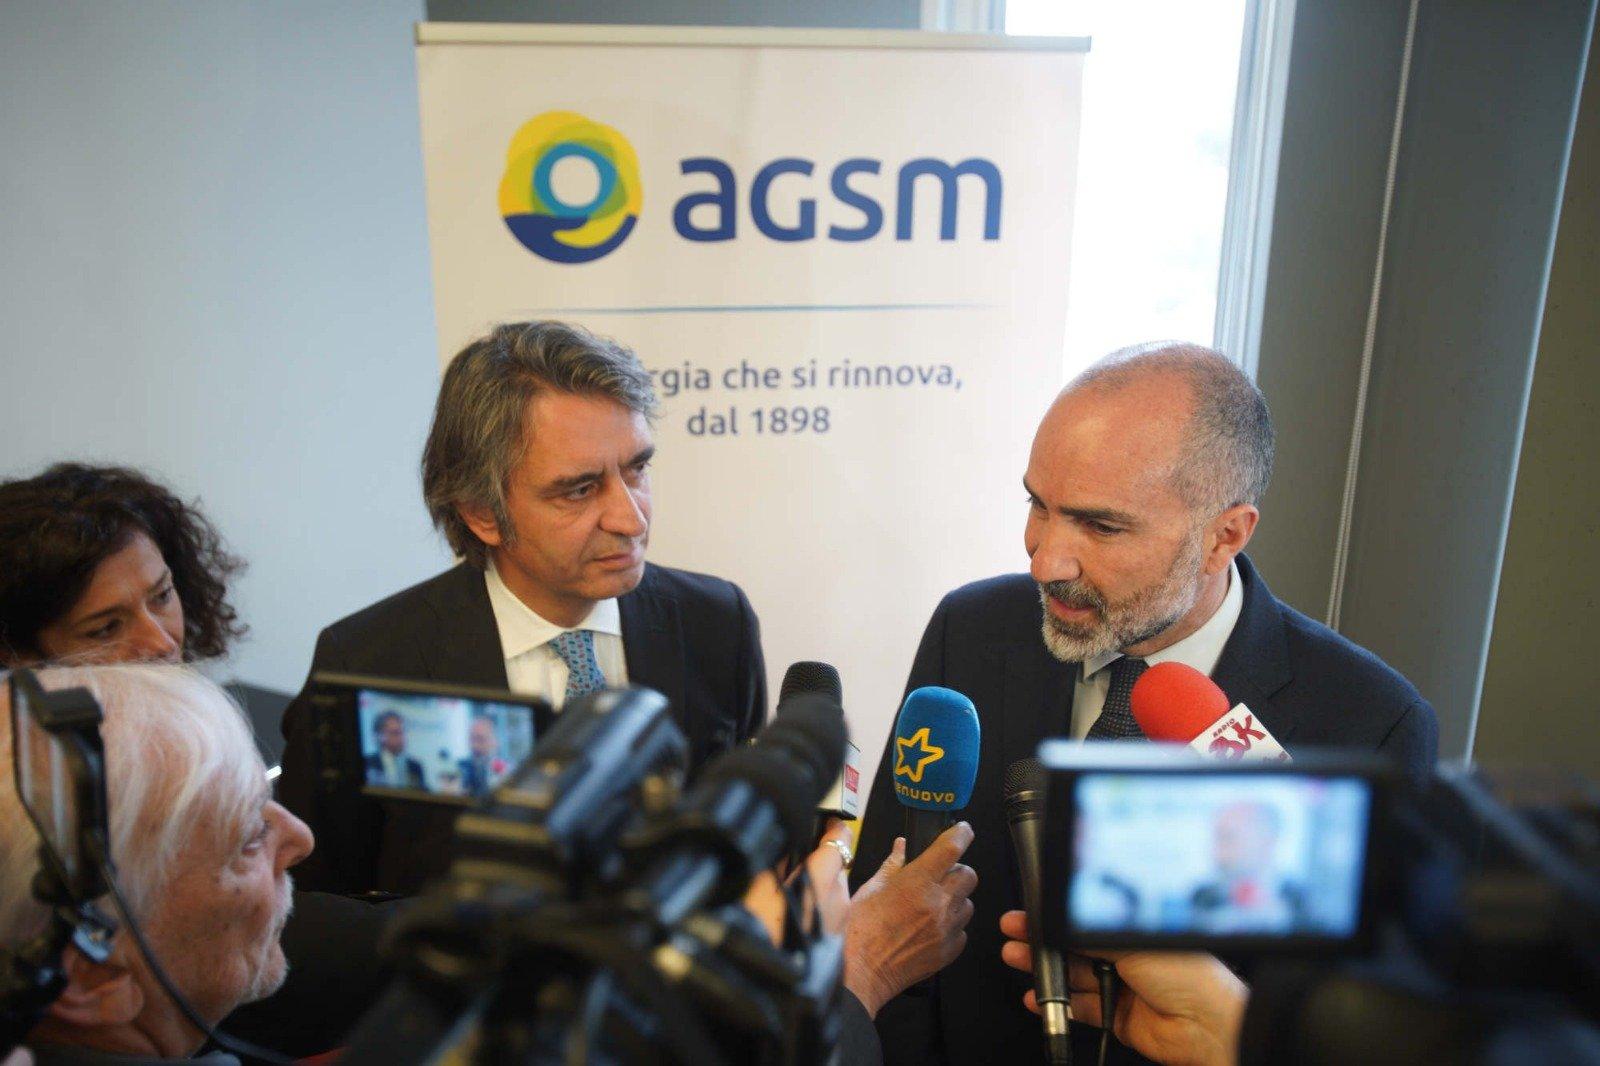 Il sindaco di Verona Federico Sboarina e il presidente di Agsm Daniele Finocchiaro